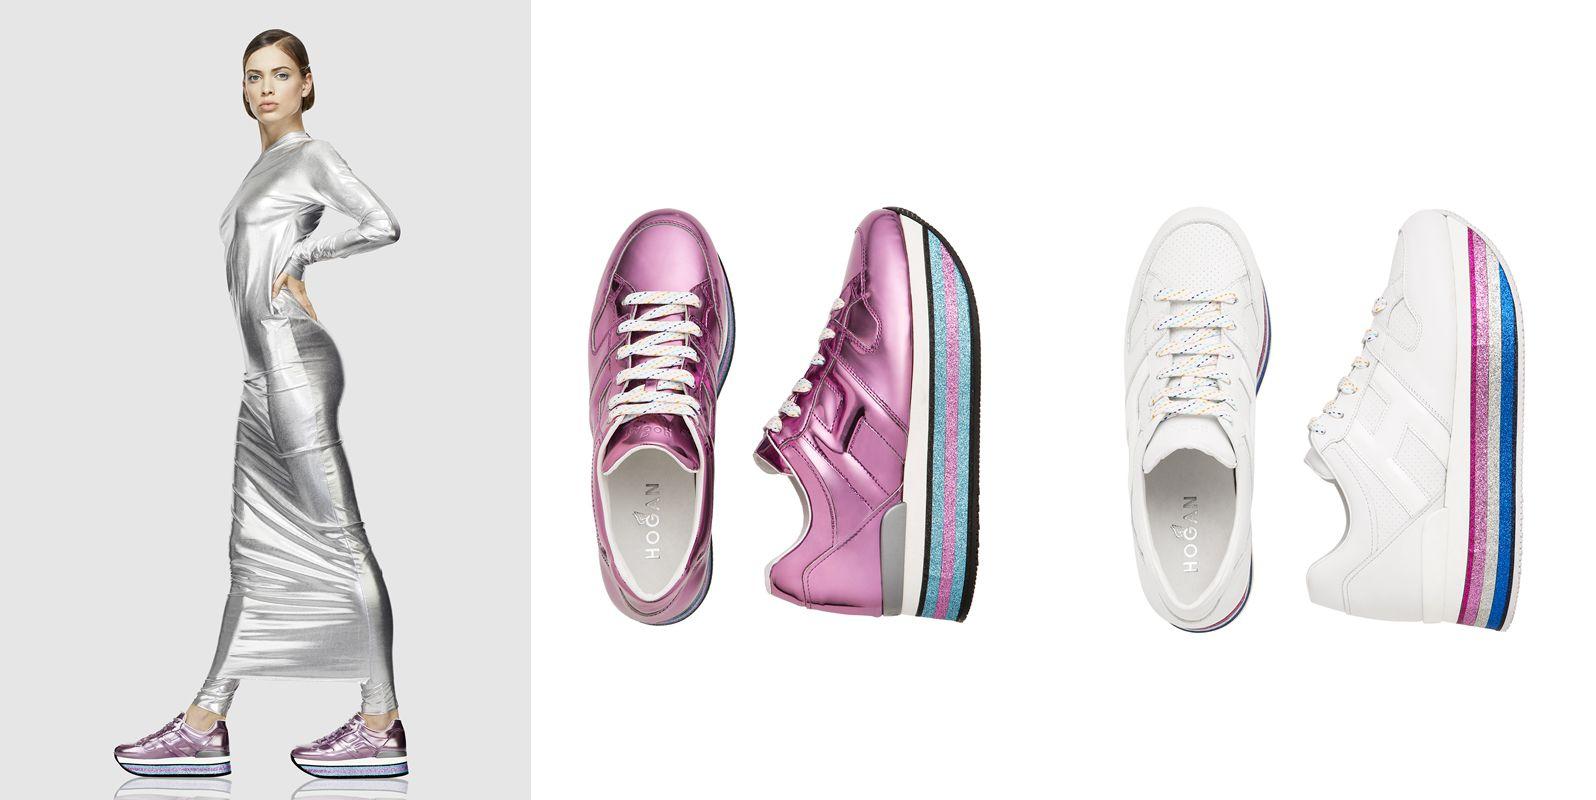 (左/中圖) HOGAN MAXI H222金屬粉色皮革休閒鞋,NTD24,600。(右圖)<span></span>HOGAN MAXI H222白色皮革休閒鞋,NTD 22,900。